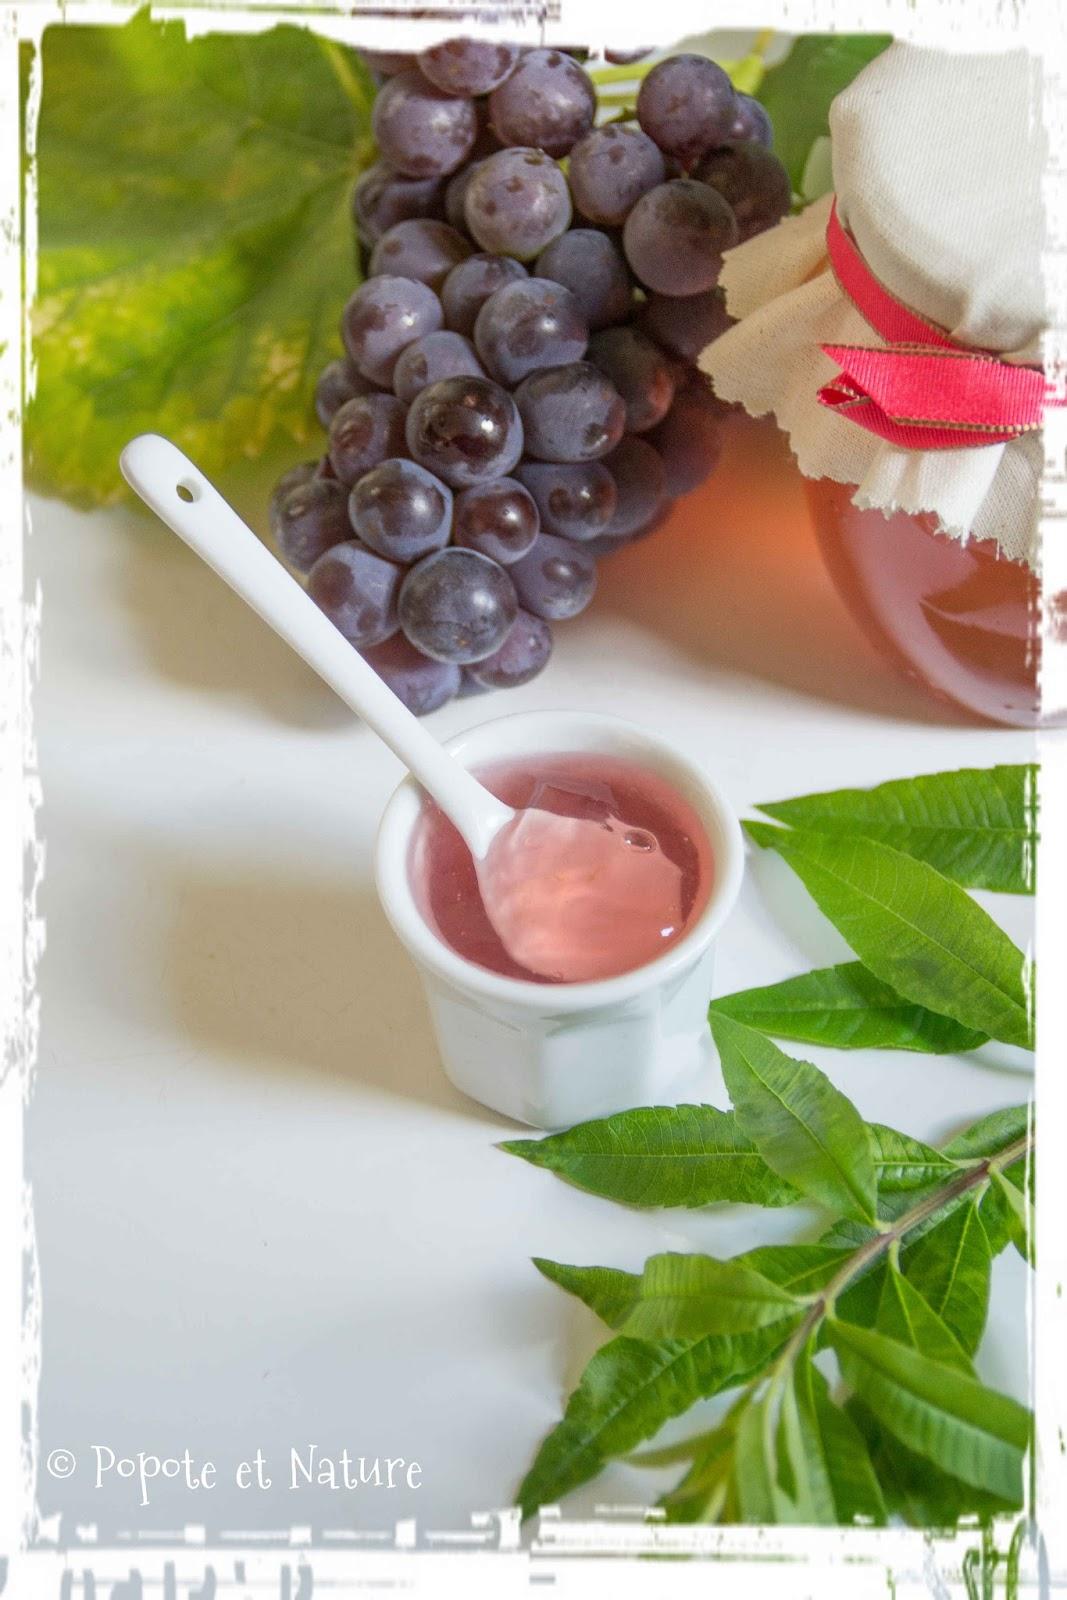 popote et nature confit de raisins du jardin la verveine citronnelle octobre rose compile. Black Bedroom Furniture Sets. Home Design Ideas